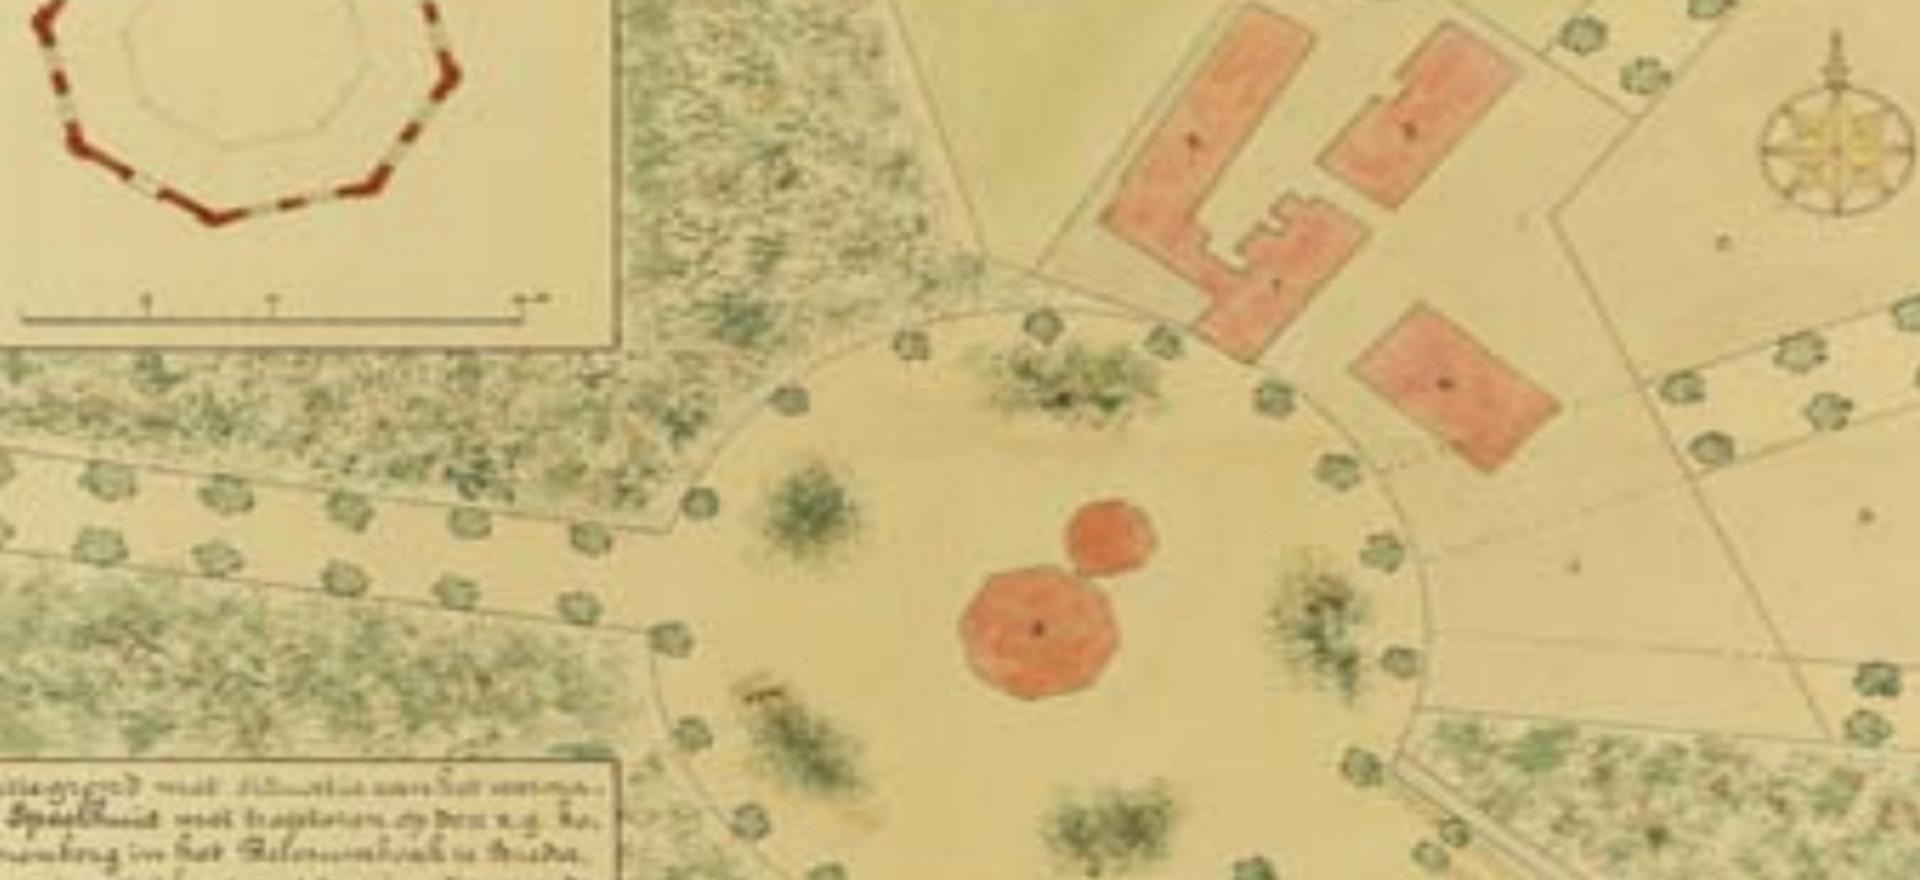 Oorspronkelijke indeling van de warande bij de Speelhuislaan.  Het speelhuis in het Belcrumbos bij Breda. De ontwikkeling van een warandepark door de Nassaus tussen 1610 en 1621. (2020). [Foto]. Geraadpleegd van https://deoranjeboom.nl/wp-content/uploads/2018/04/Jb-62-2009-03.pdf